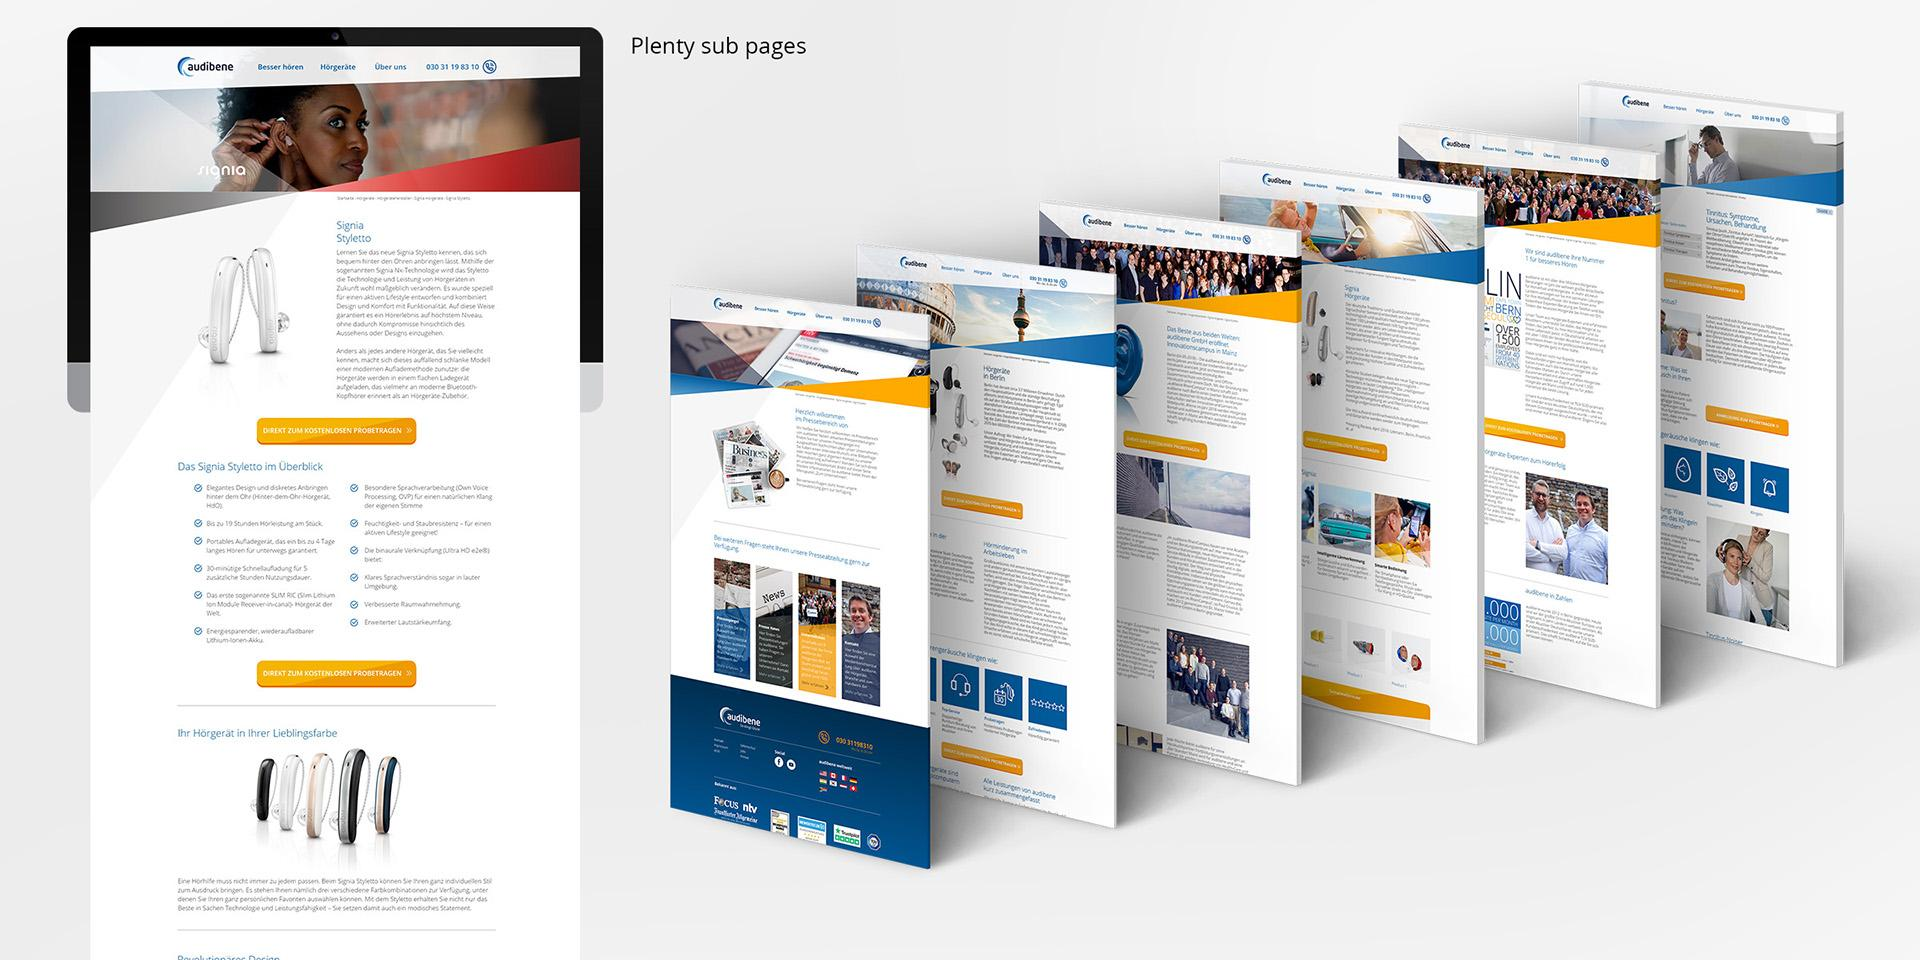 gfd ab website subpages werbeagentur werbung grafik print Kreativ agentur muenchen full service 360 marketing